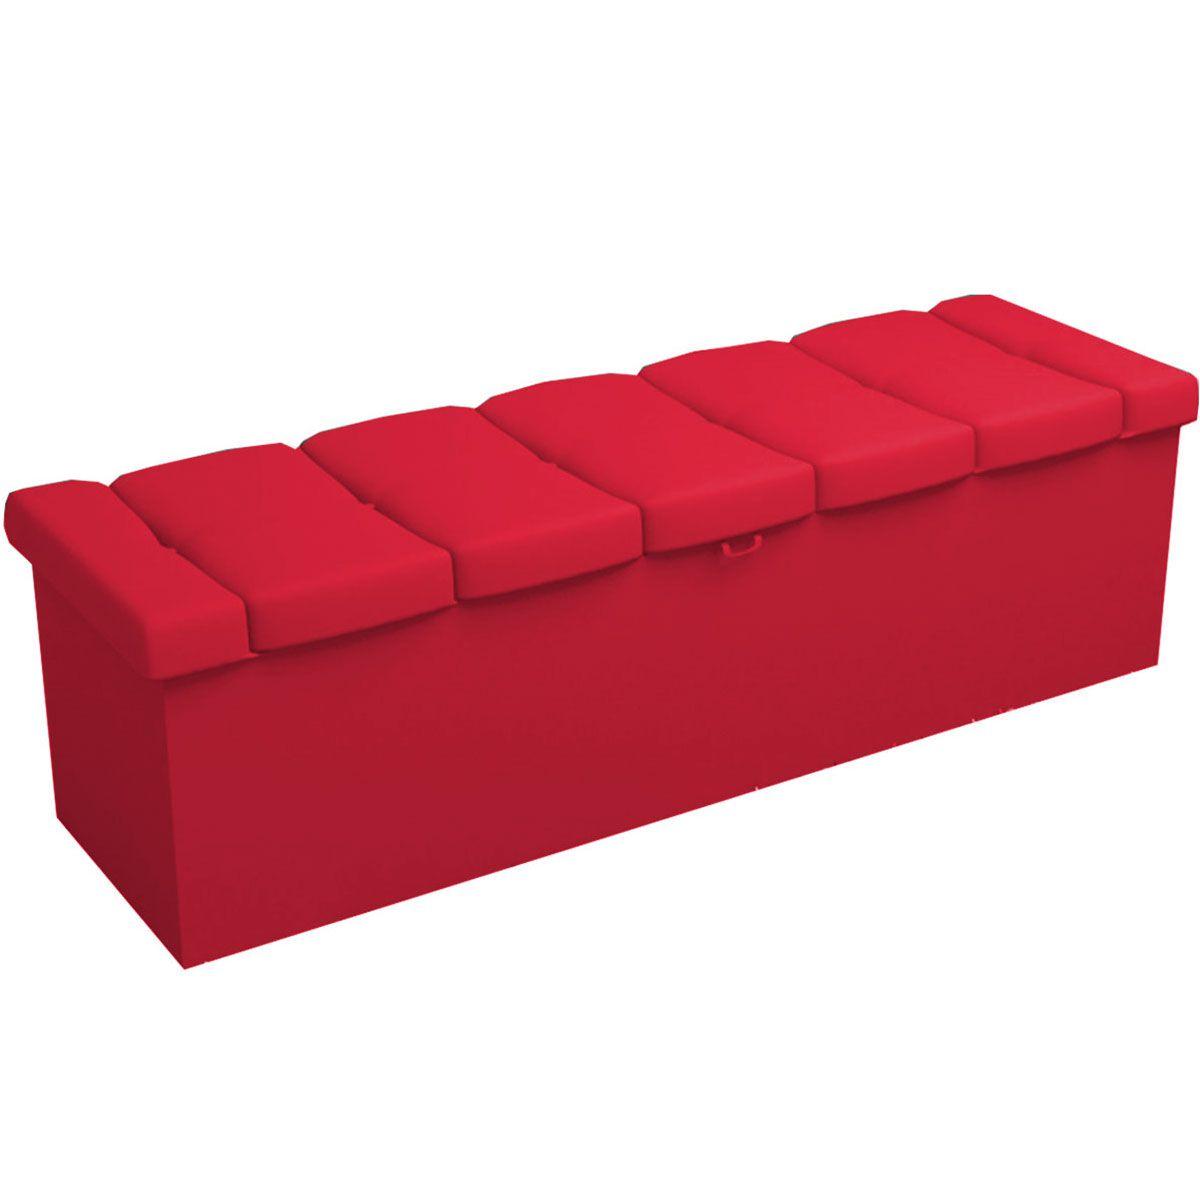 Kit Cabeceira Damares e Calçadeira Kiara Casal 140 cm Vermelho